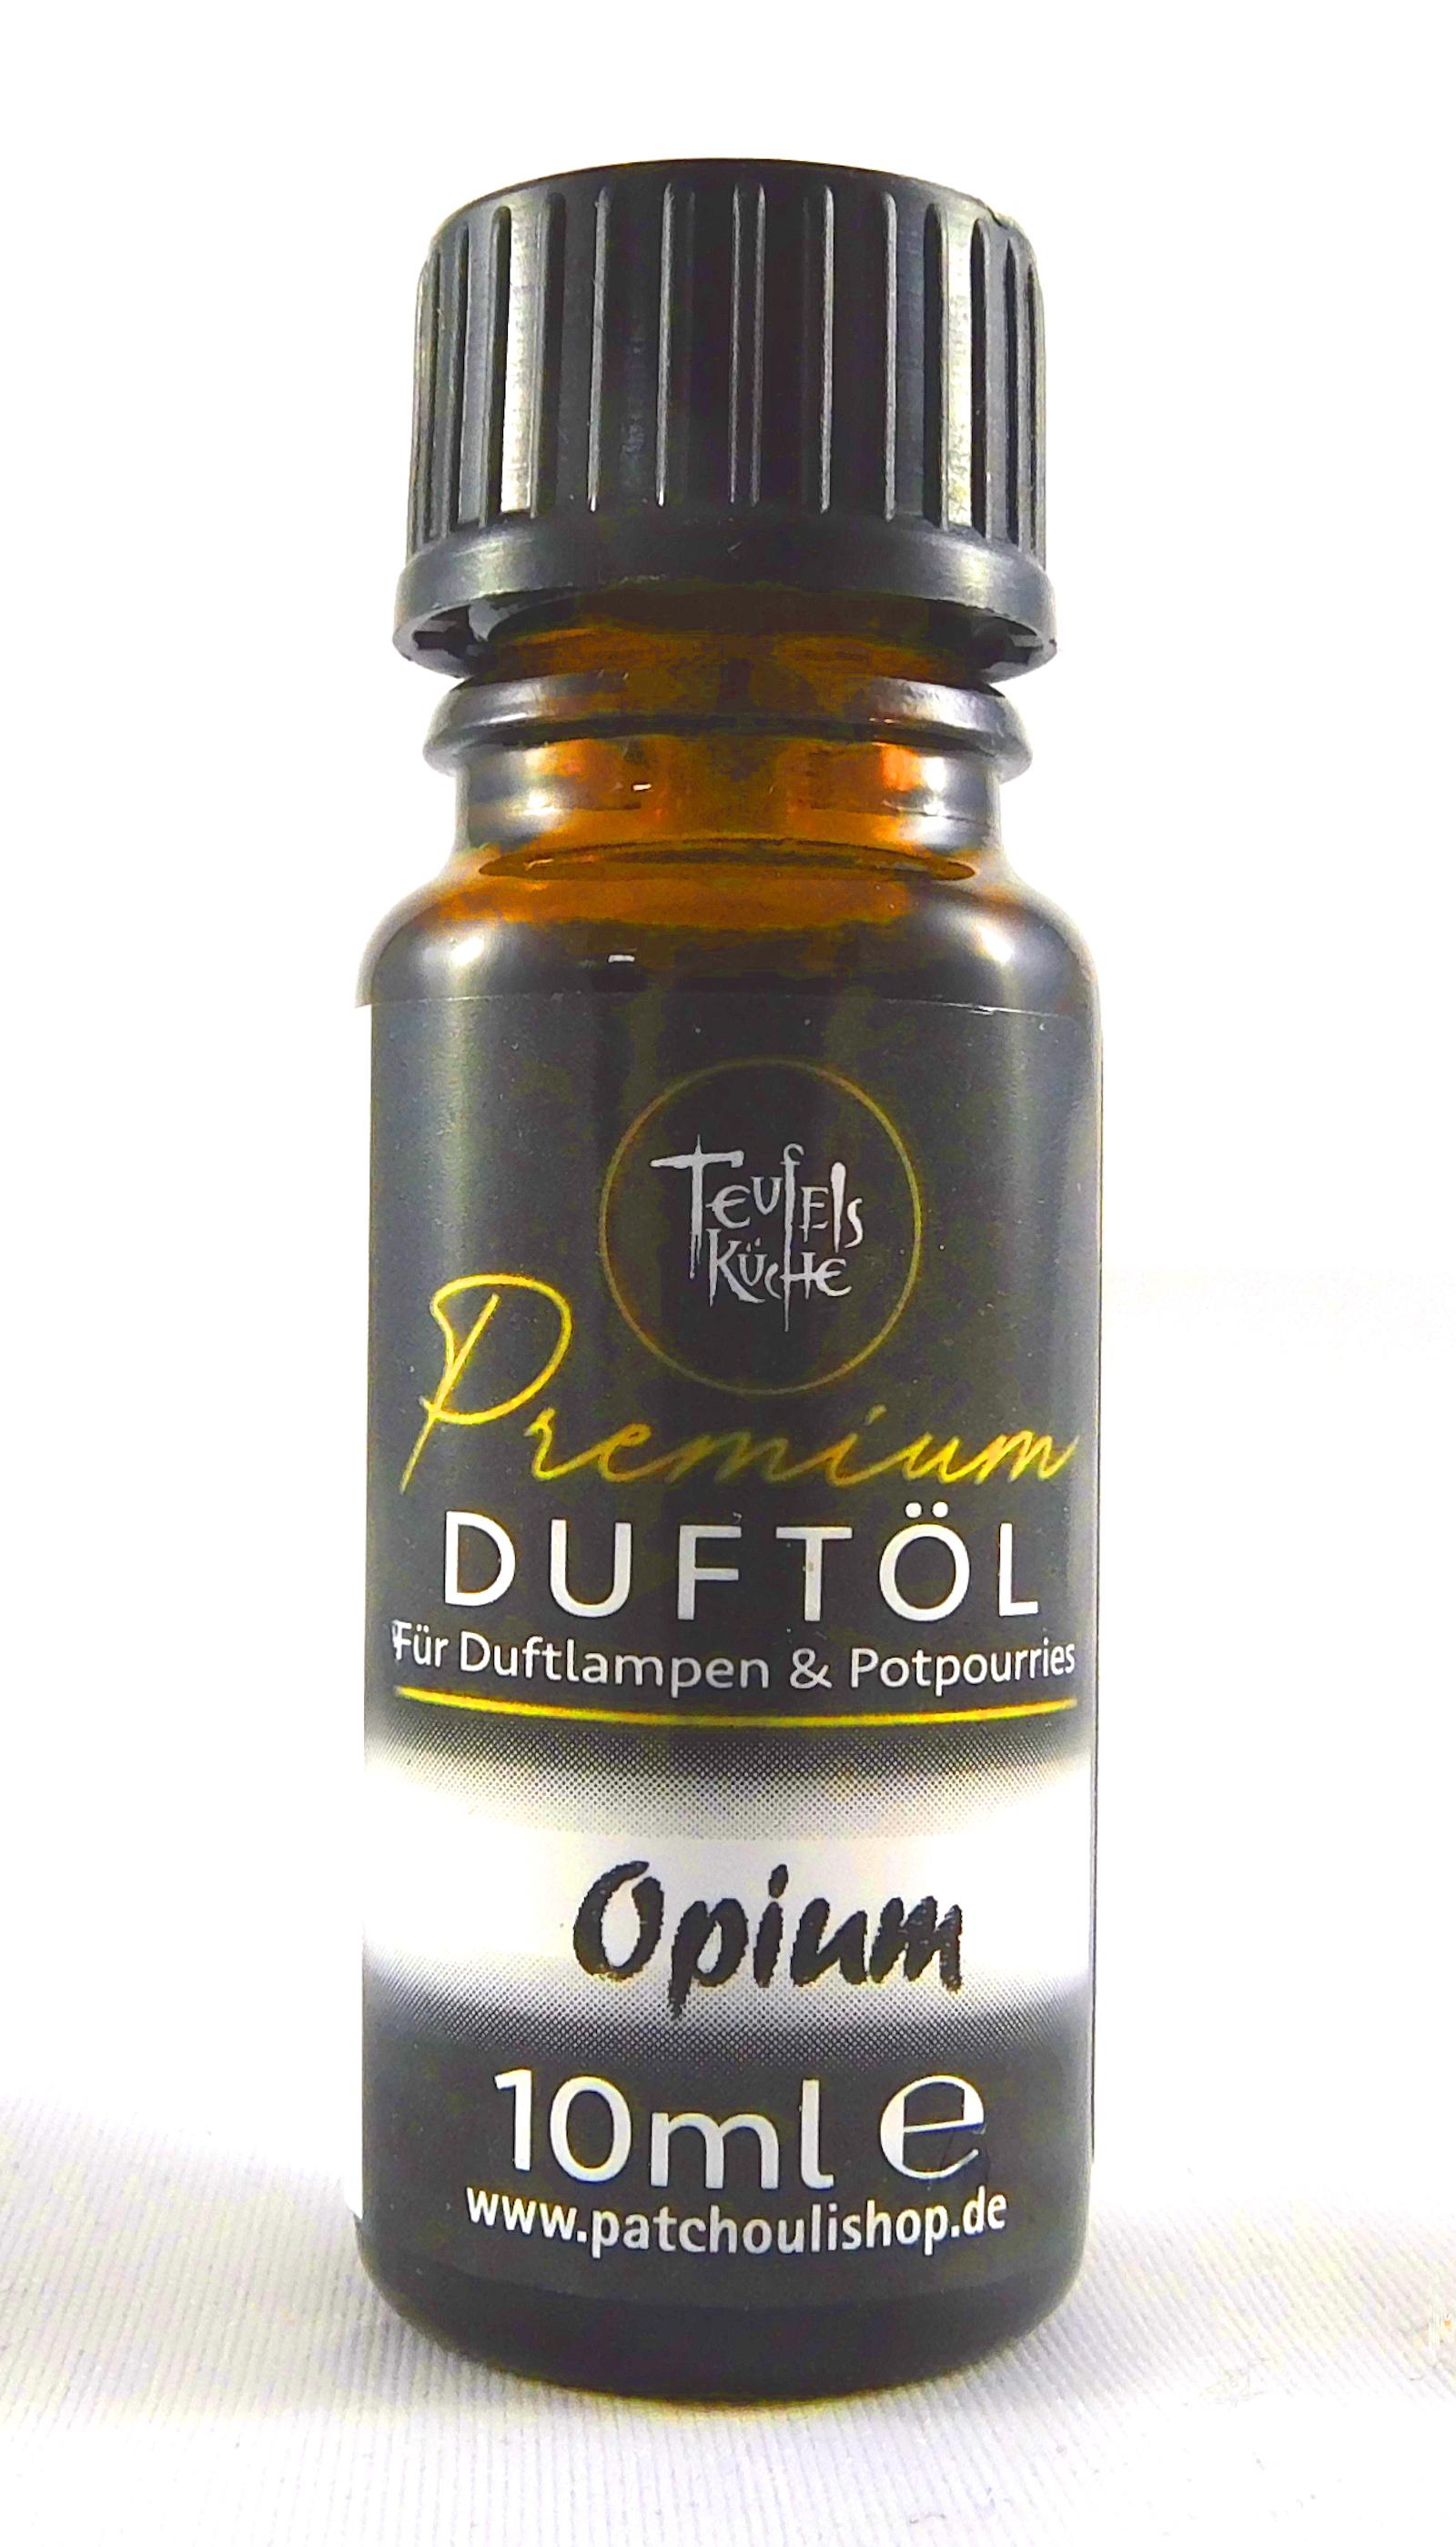 Premium Duftöl von Teufelsküche Opium